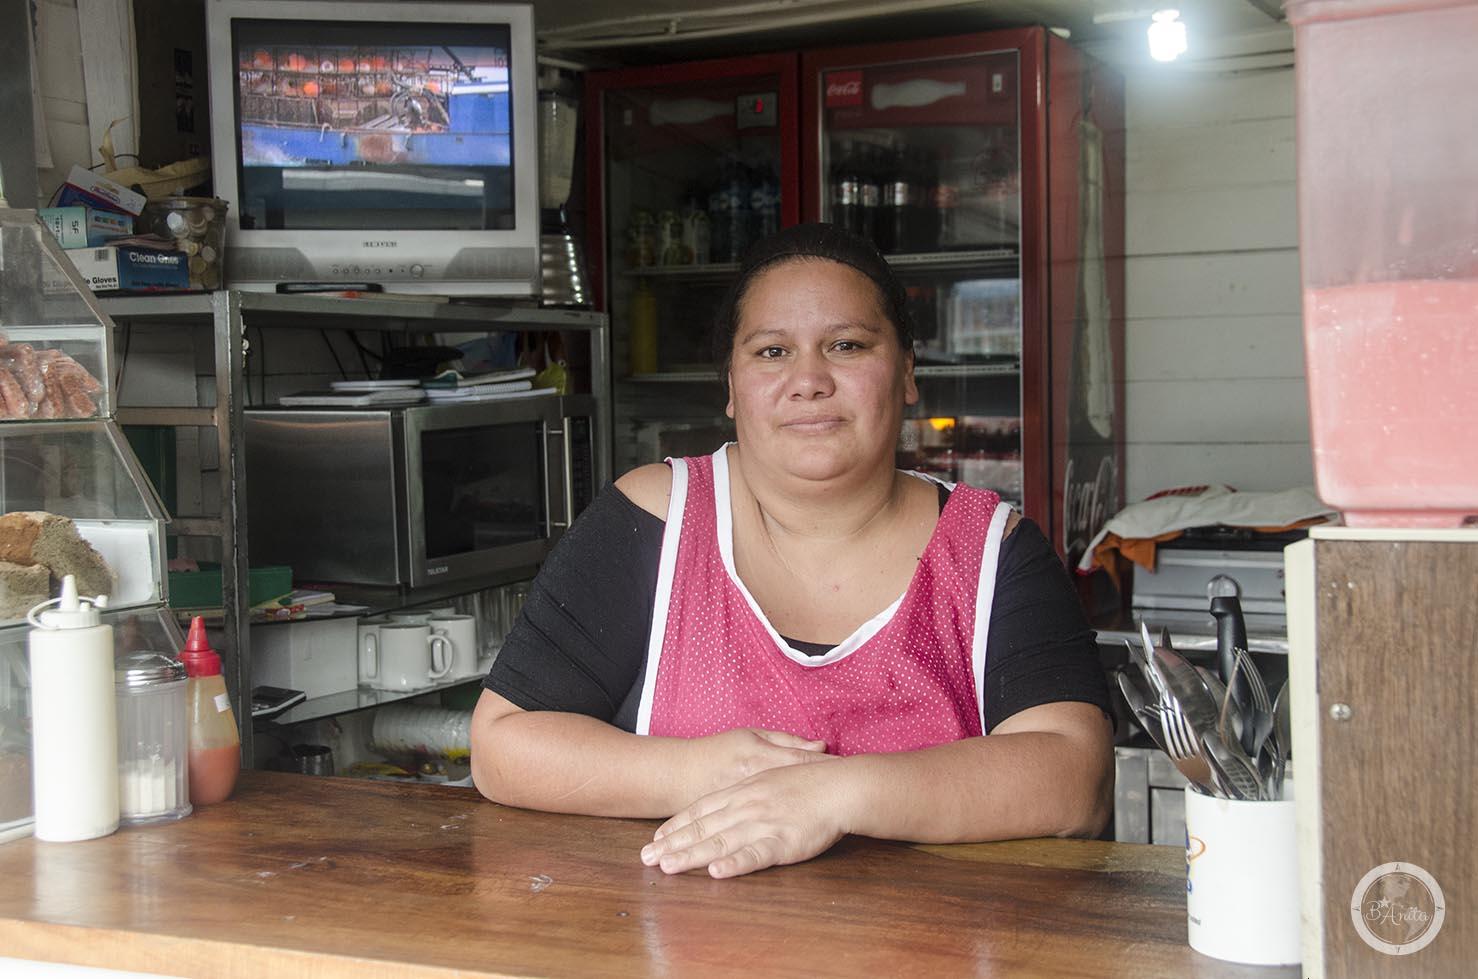 Sandra, któraprzyrzadza pyszne enyucado